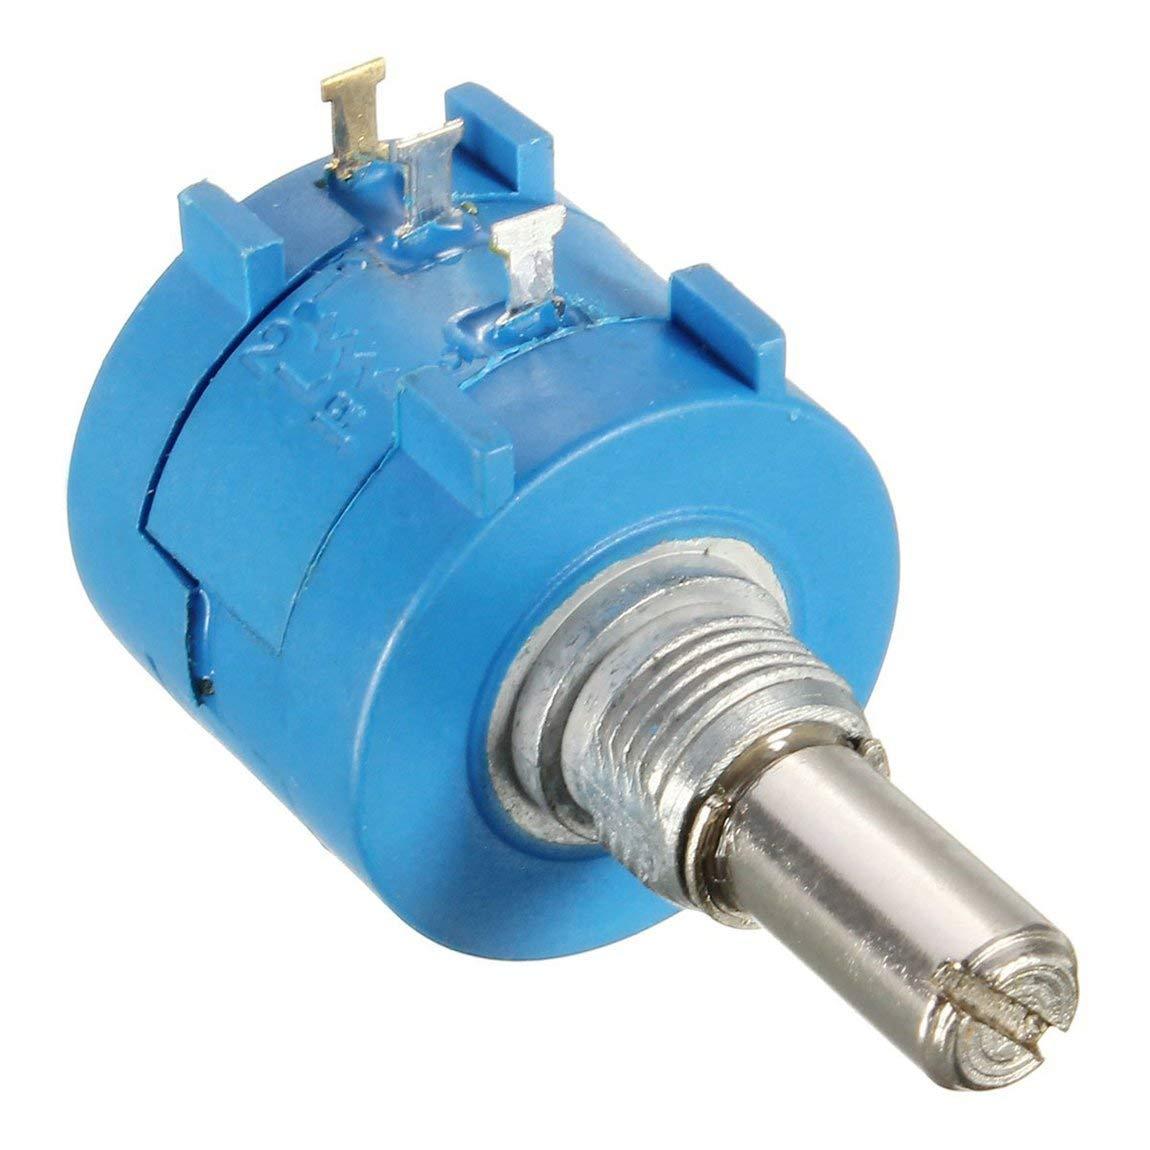 Potenziometro multigiro di precisione 3590S 10 Potenziometro resistore regolabile ad anello Potenziometro a filo variabile 50k Ohm /& colore: blu